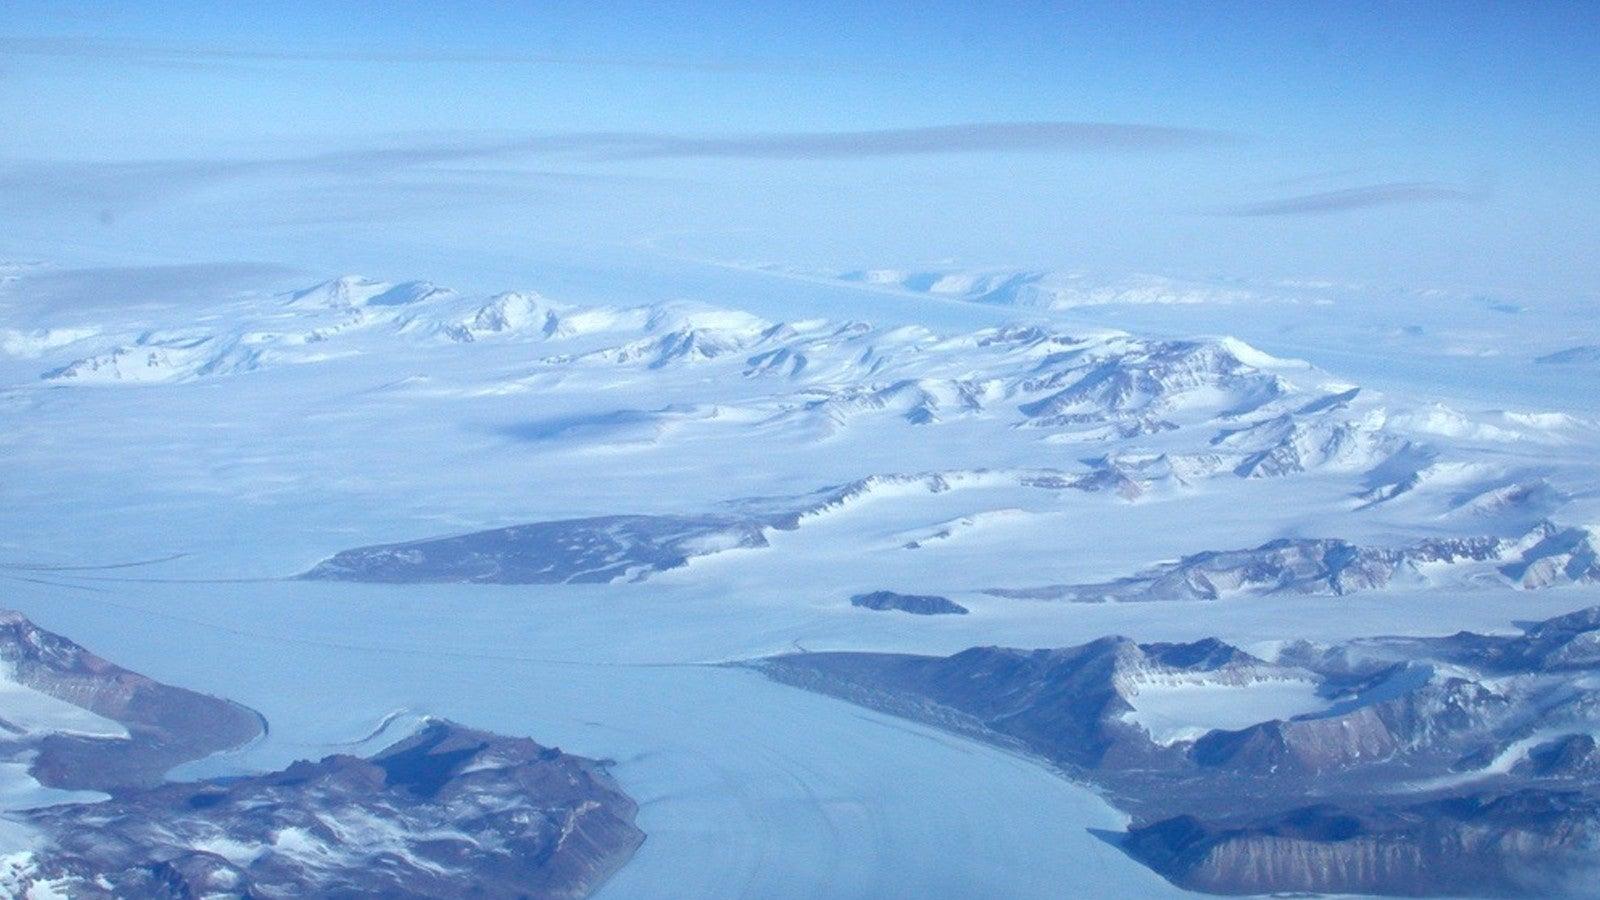 Neuer Kälterekord in der Antarktis: Temperaturen von fast 100 Grad minus gemessen